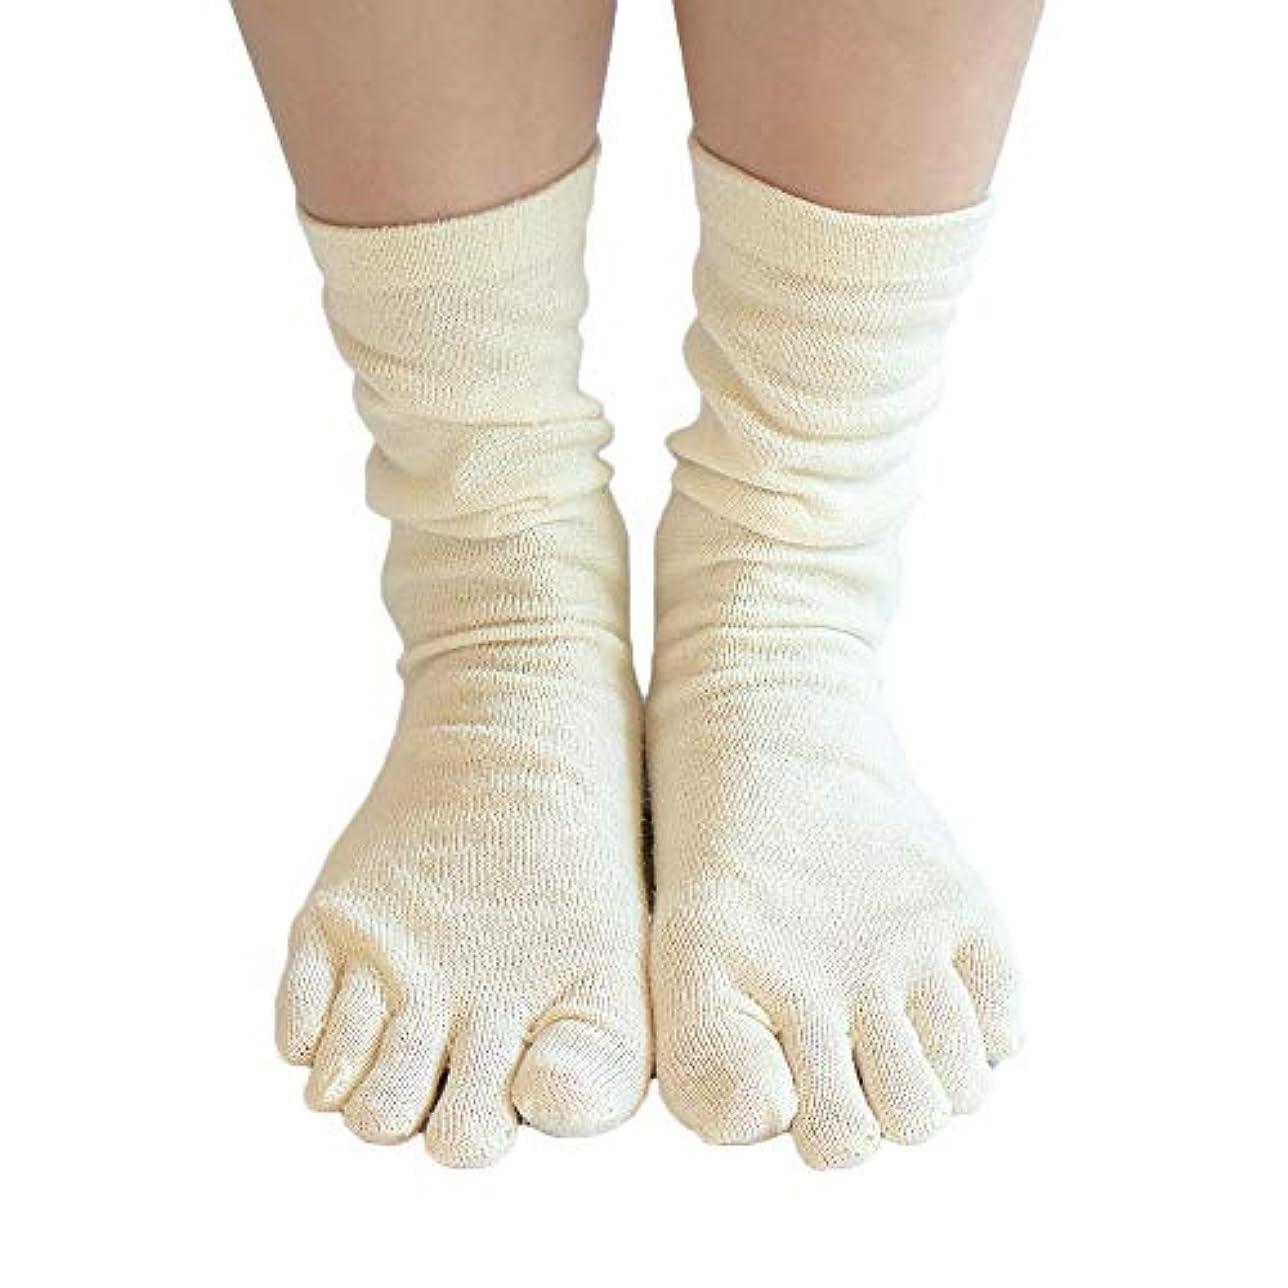 再生自動化ひねくれたシルク 100% 五本指 ソックス 3足セット かかとあり 上質な絹紡糸と紬糸ブレンドした絹糸を100%使用した薄手靴下 重ね履きのインナーソックスや冷えとりに